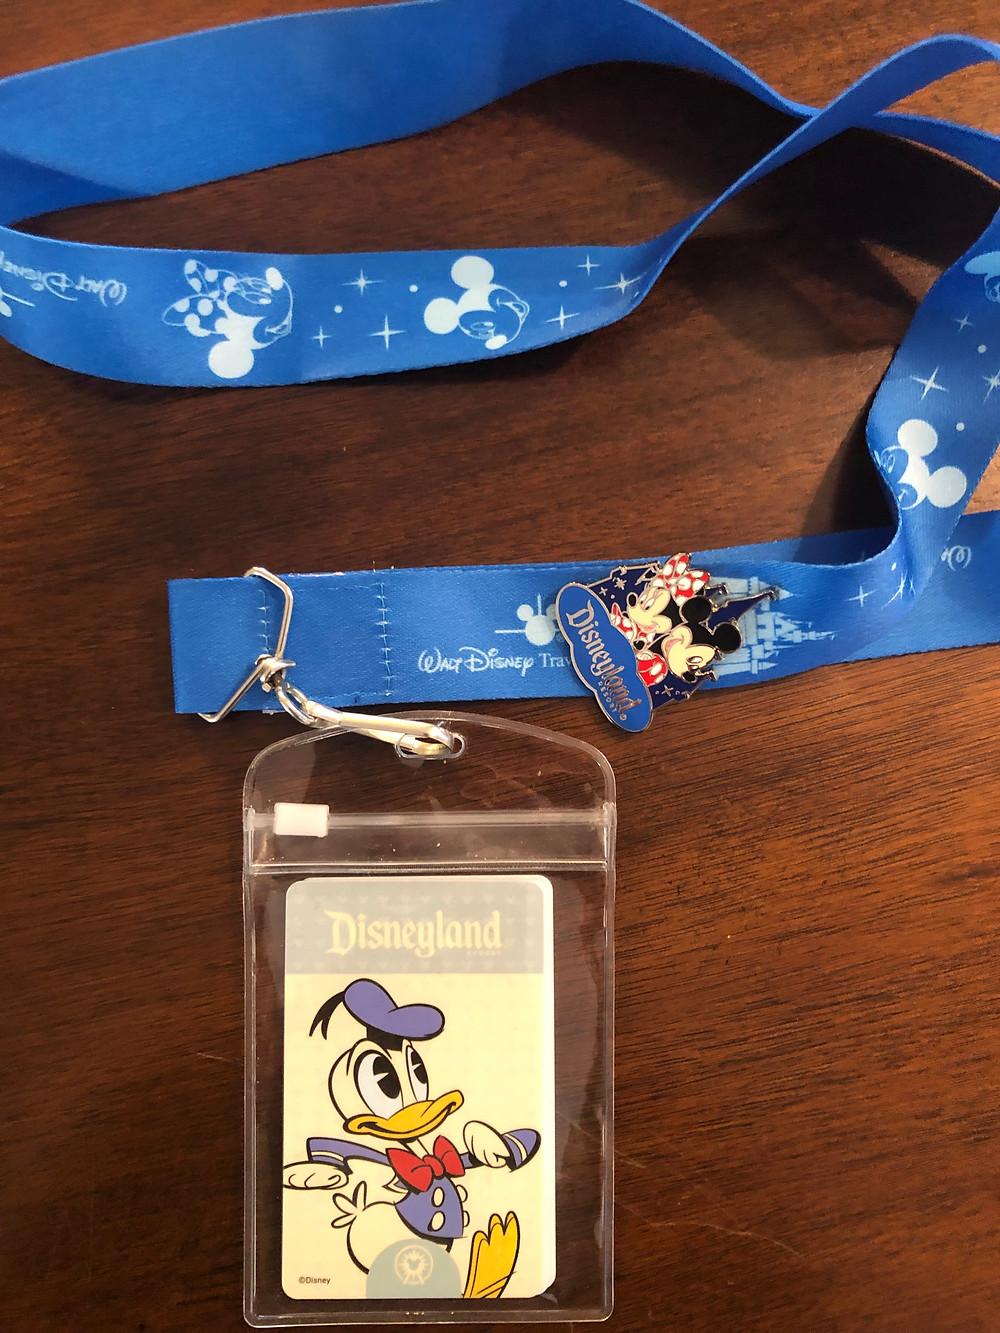 Disneyland Park Ticket, Lanyard, and Souvenir Pin